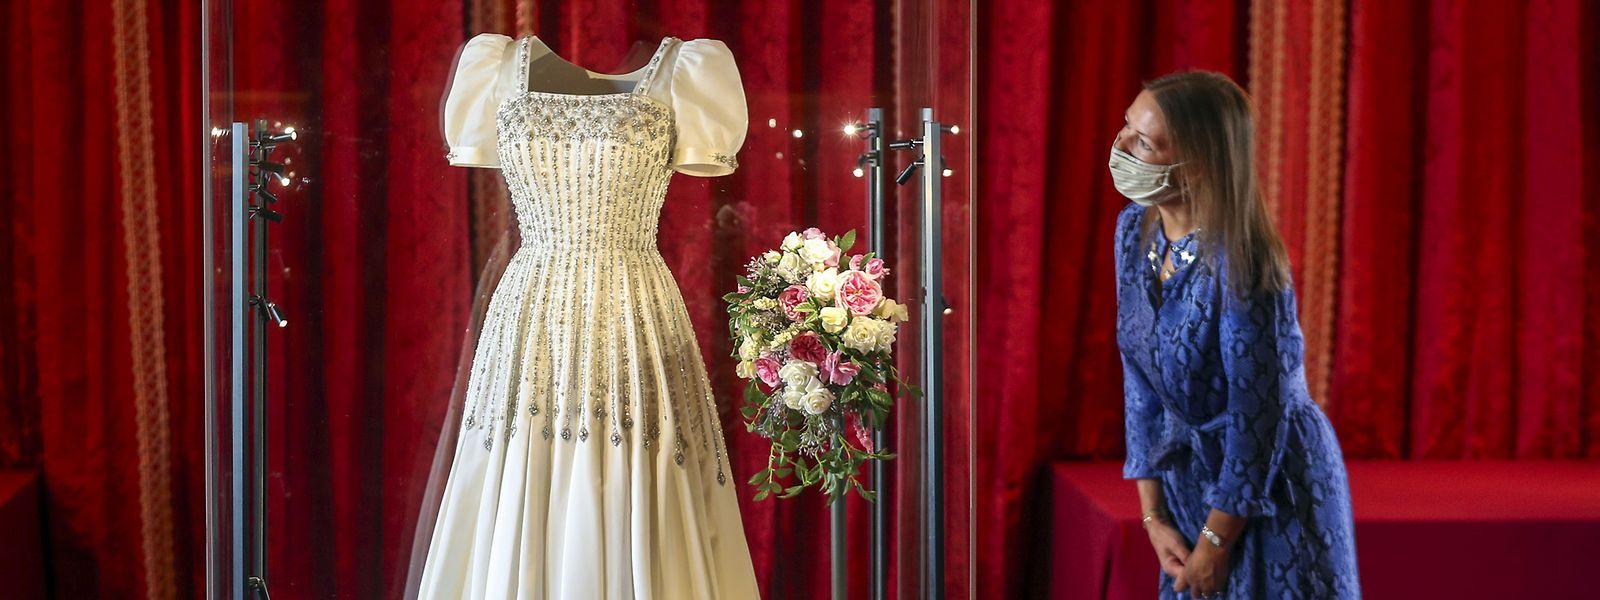 Die Kuratorin des Royal Collection Trust, Caroline de Guitut, besichtigt das Hochzeitskleid von Prinzessin Beatrice.